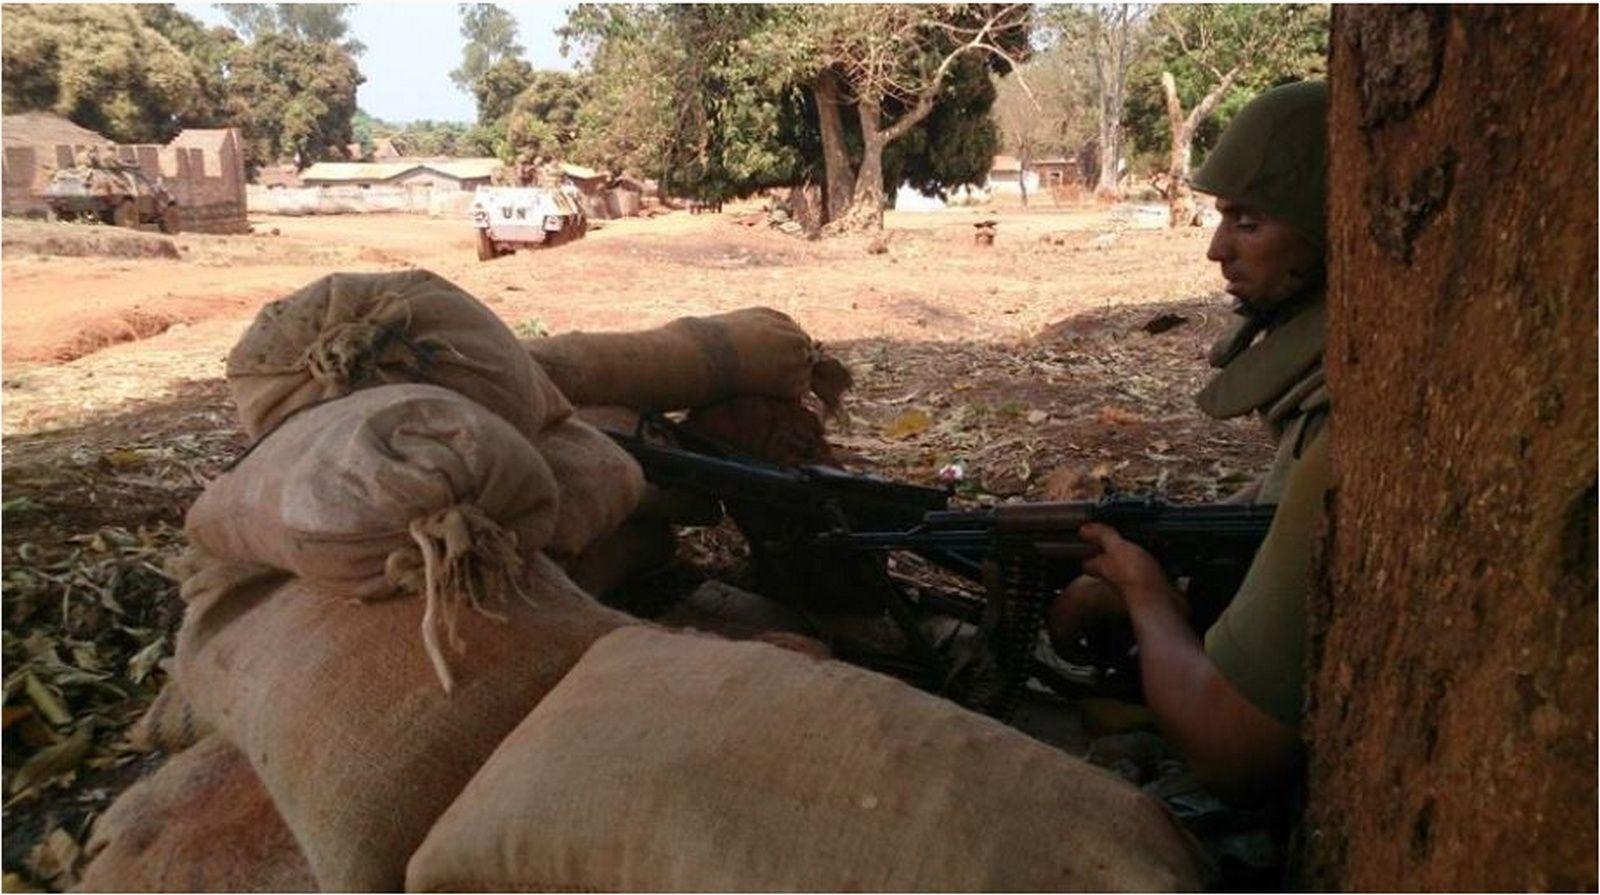 Maintien de la paix dans le monde - Les FAR en République Centrafricaine - RCA (MINUSCA) Sans_t19